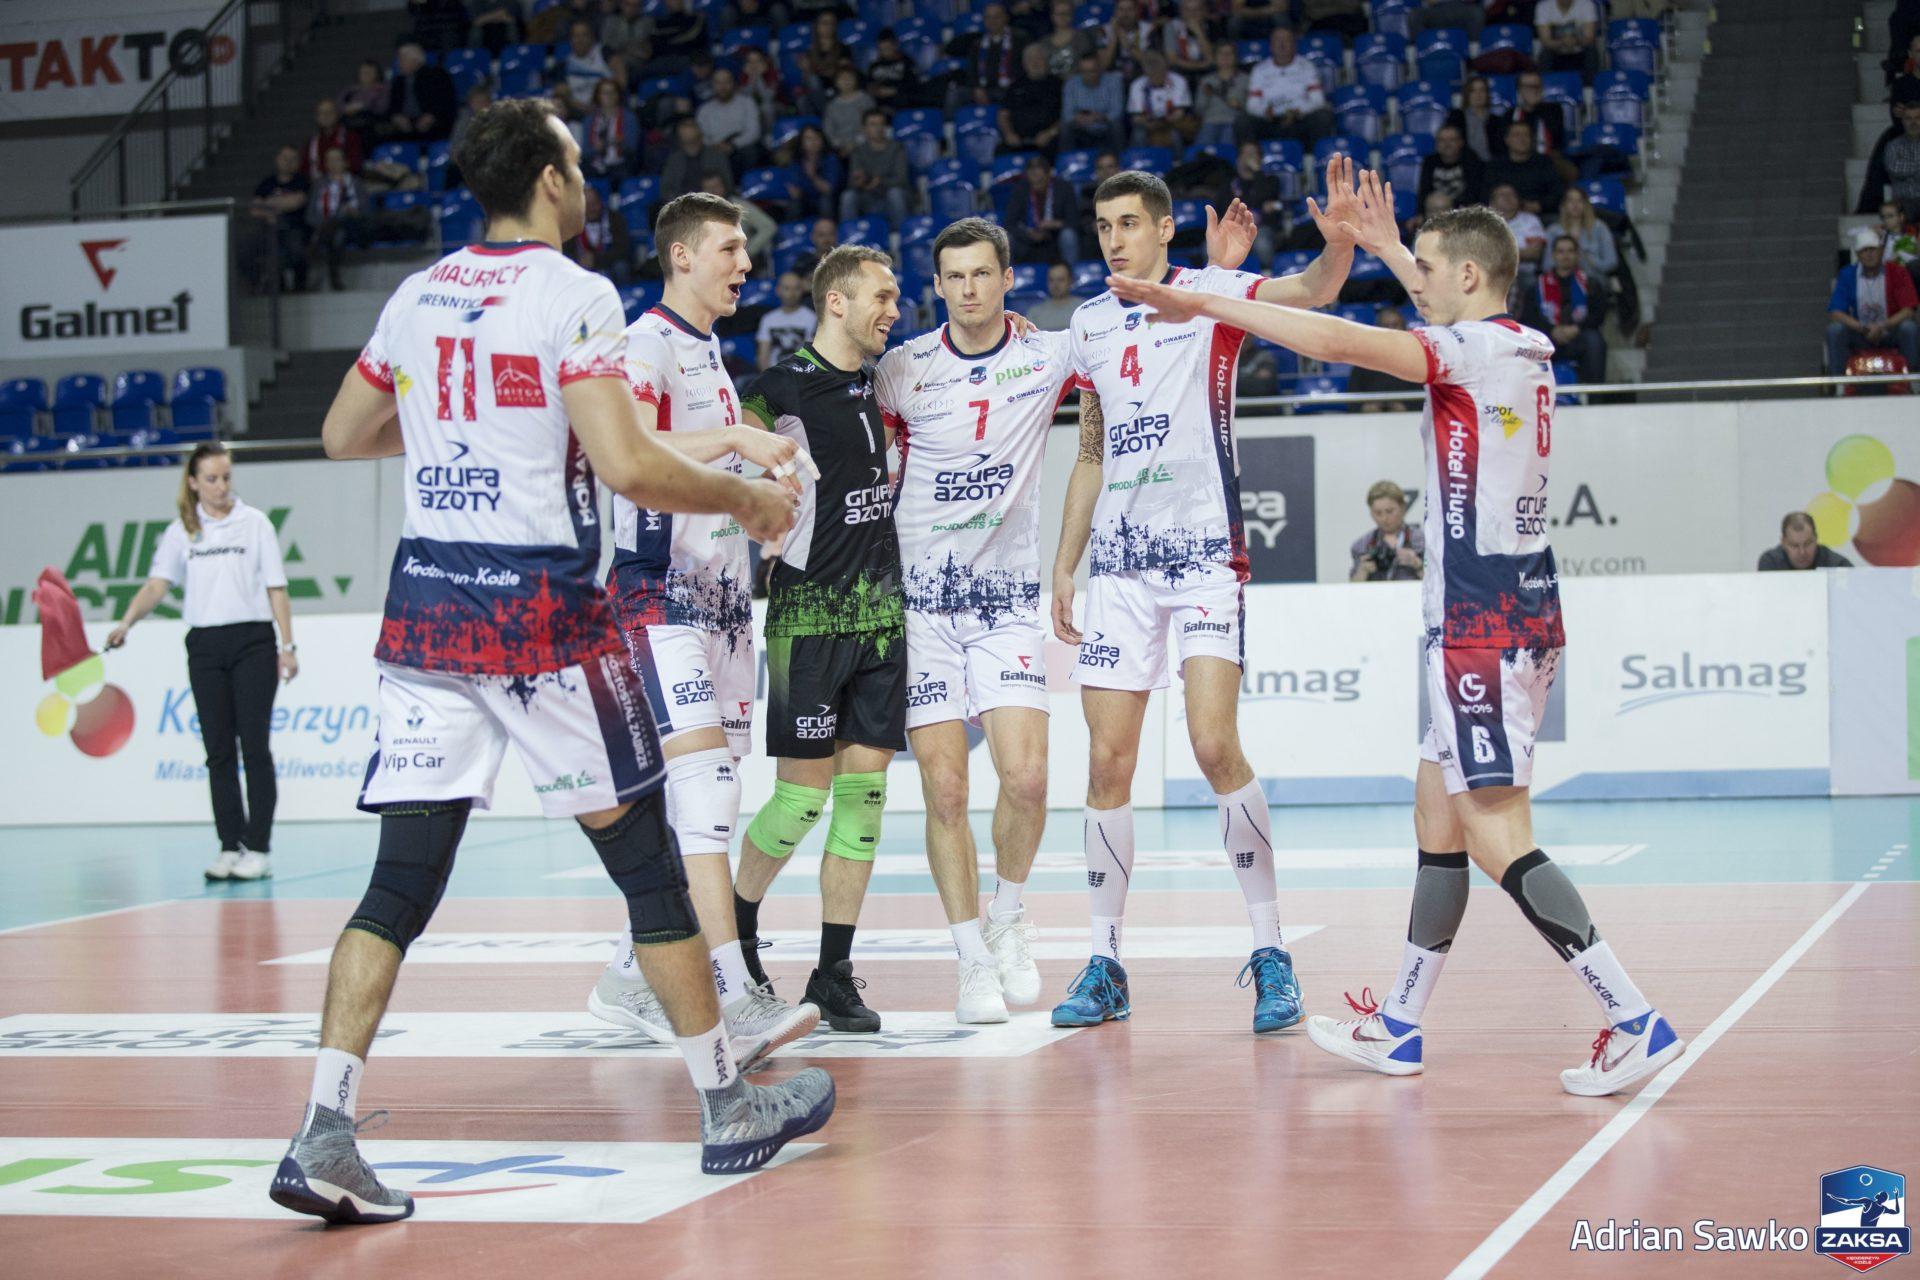 Bilety na mecz ZAKSA Kędzierzyn-Koźle vs Trefl Gdańsk